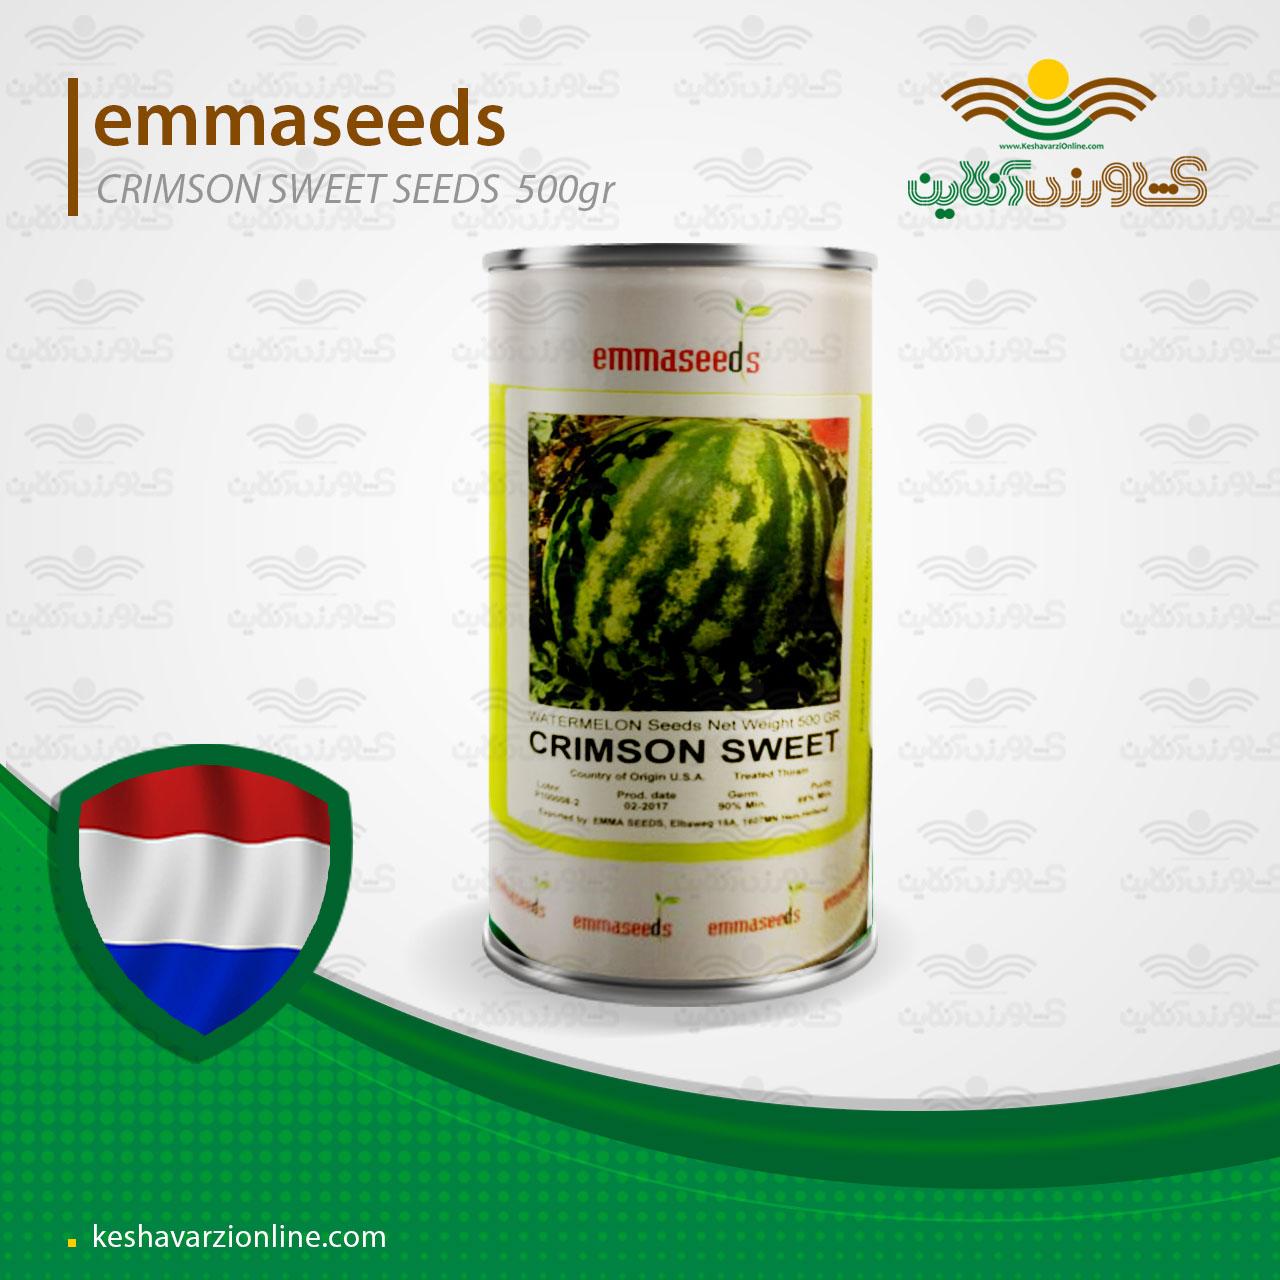 بذر هندوانه کریمسون سوییت هلندی